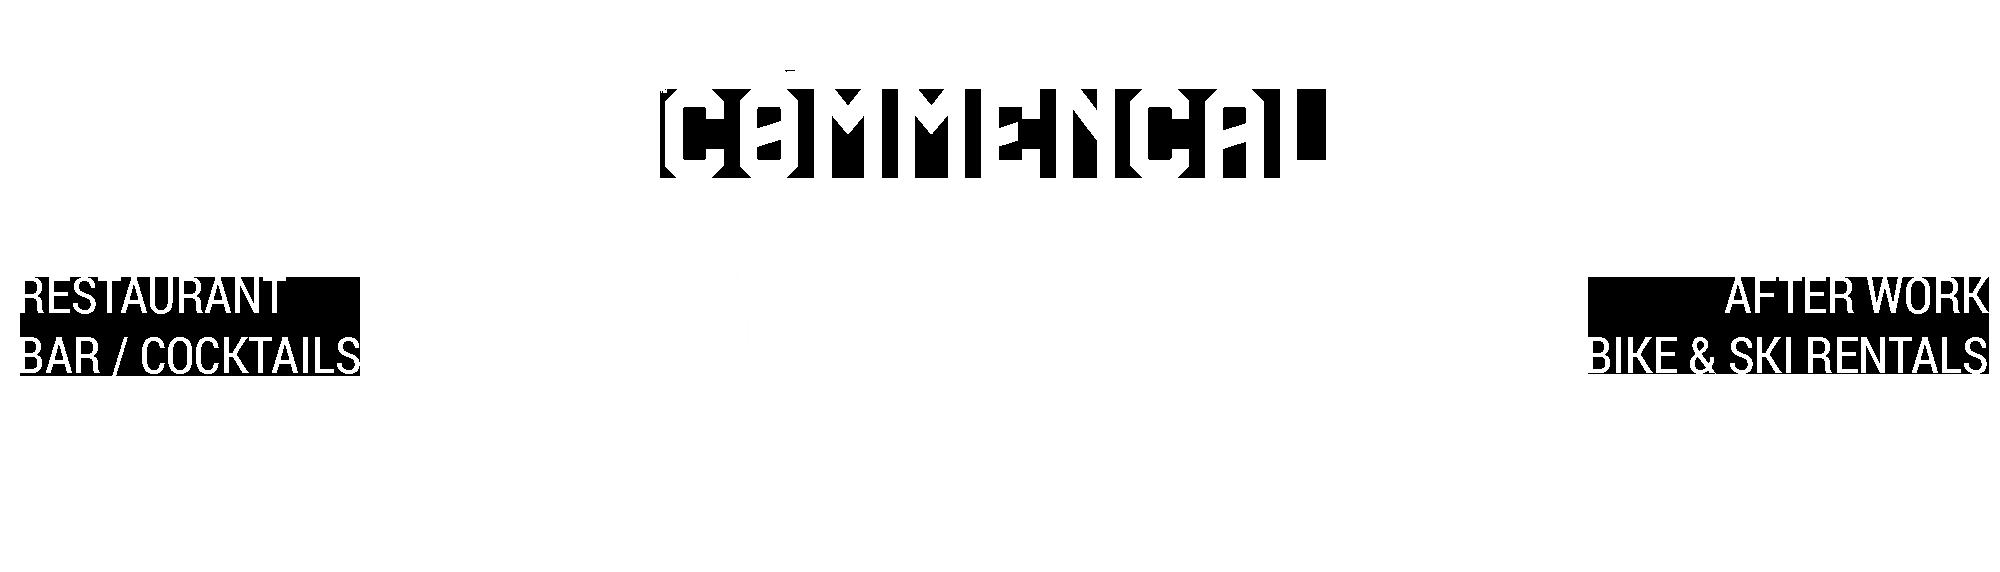 COMMENCAL SPOT